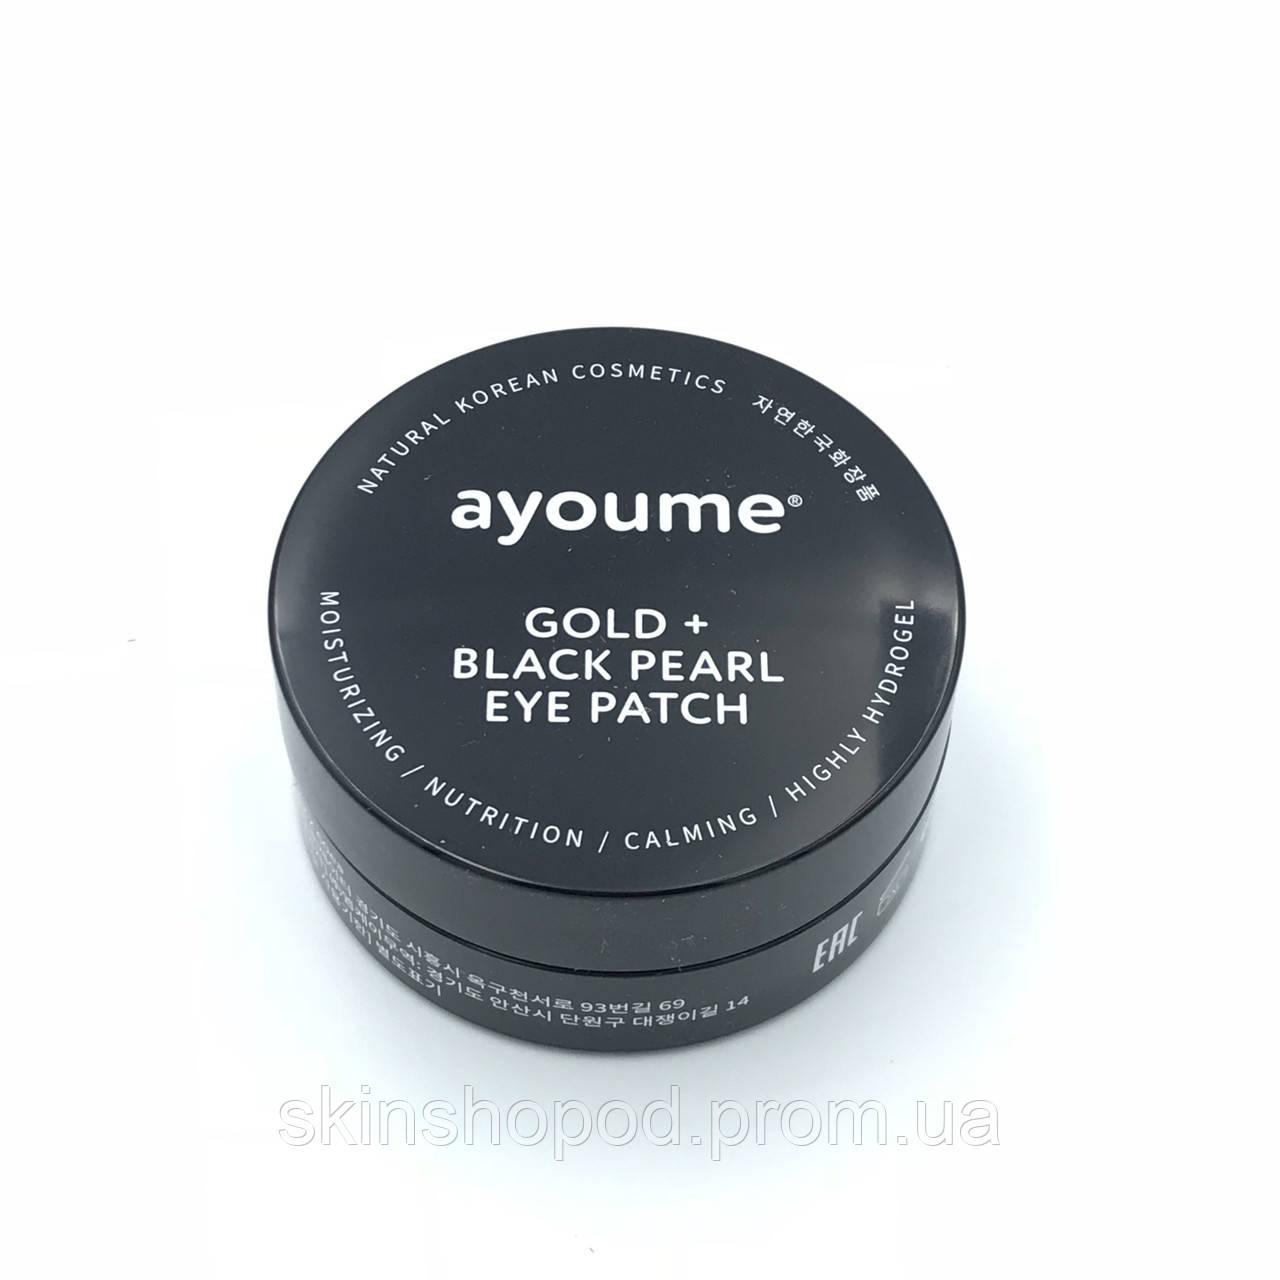 Патчи для глаз с золотом и черным жемчугом Ayoume GOLD+BLACK PEARL EYE PATCH - 60 шт.